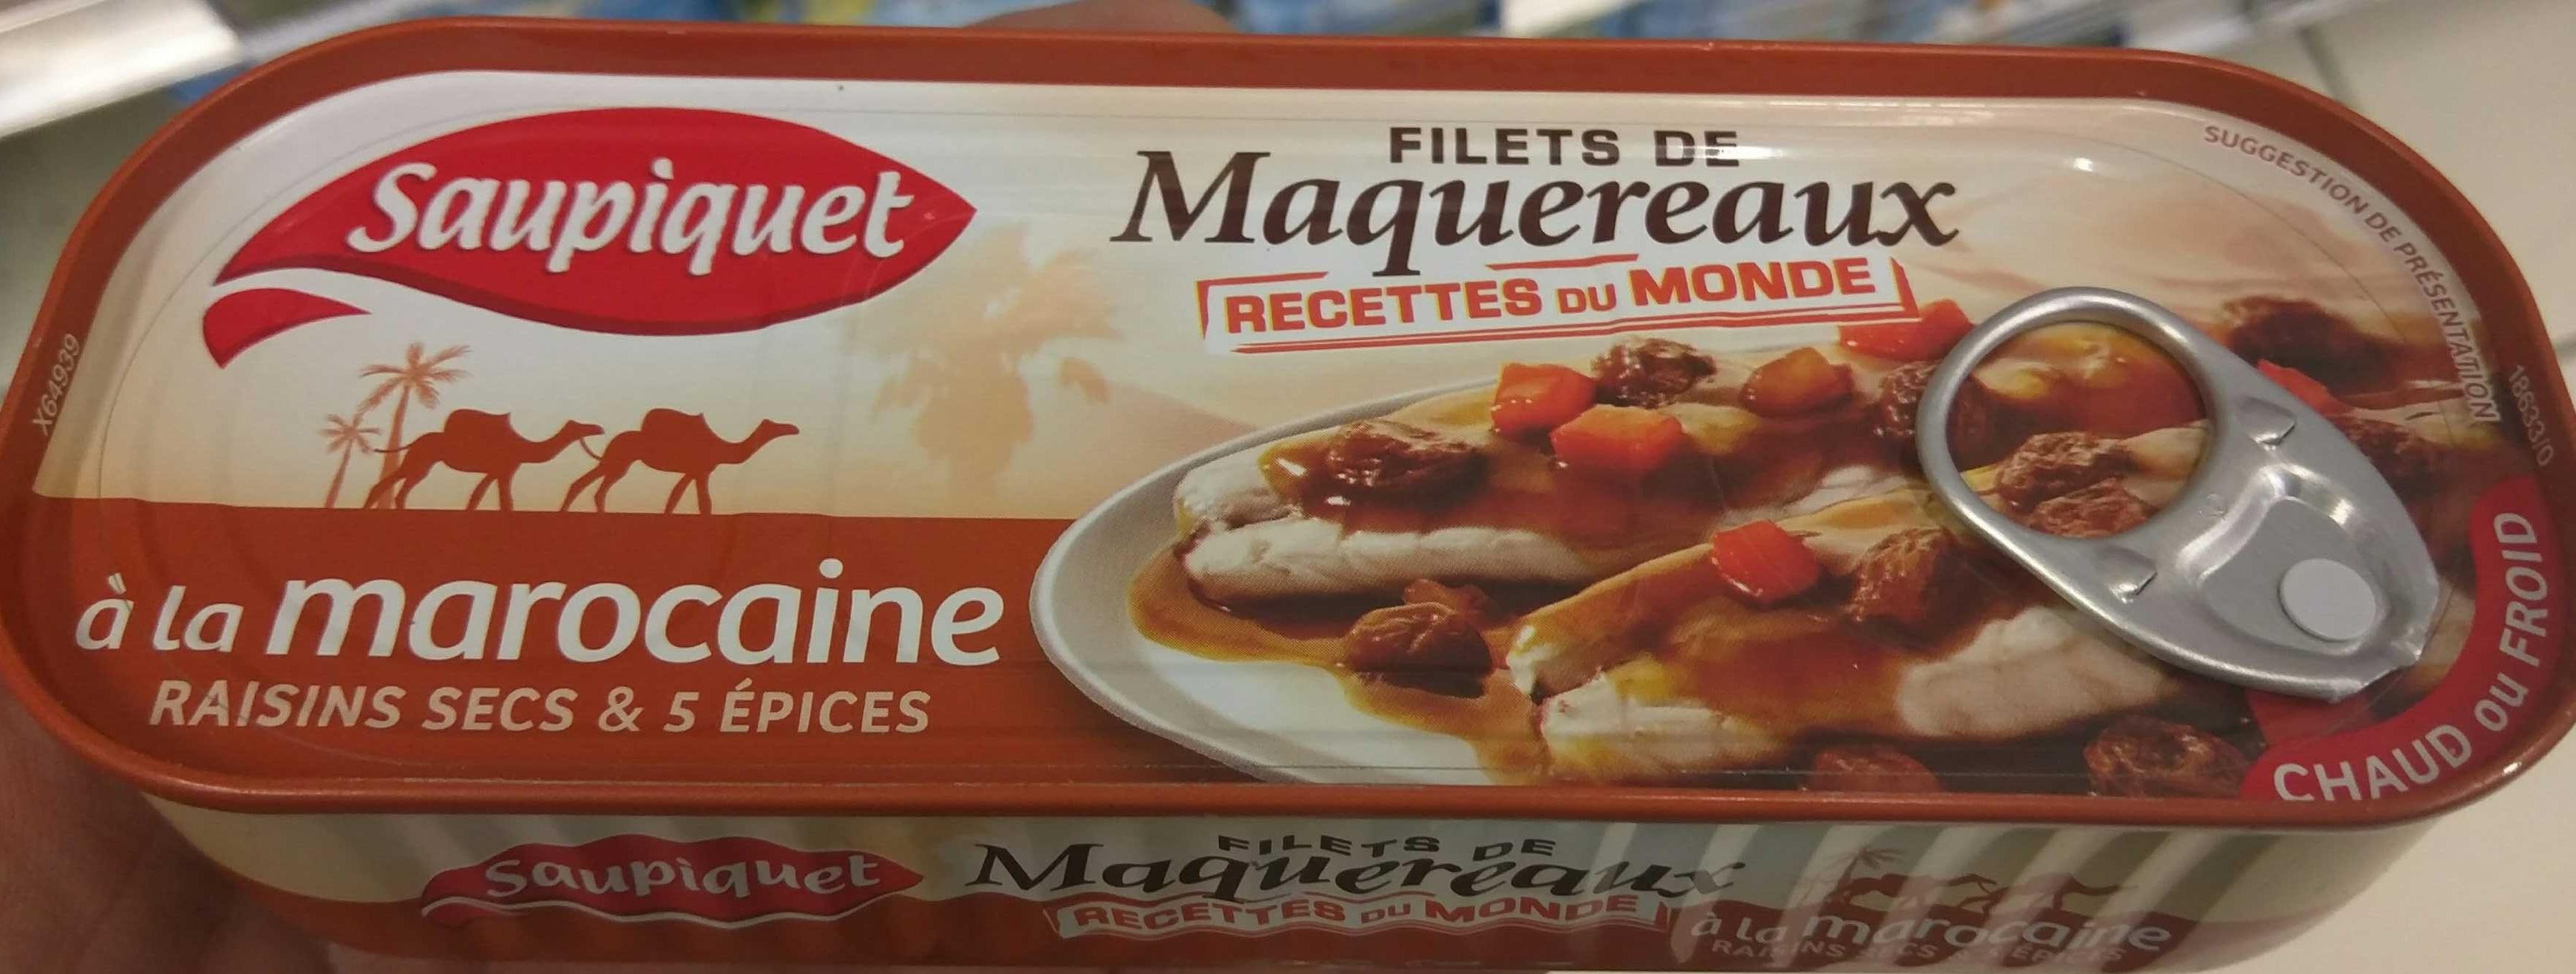 Filets de Maquereaux à la Marocaine - Produit